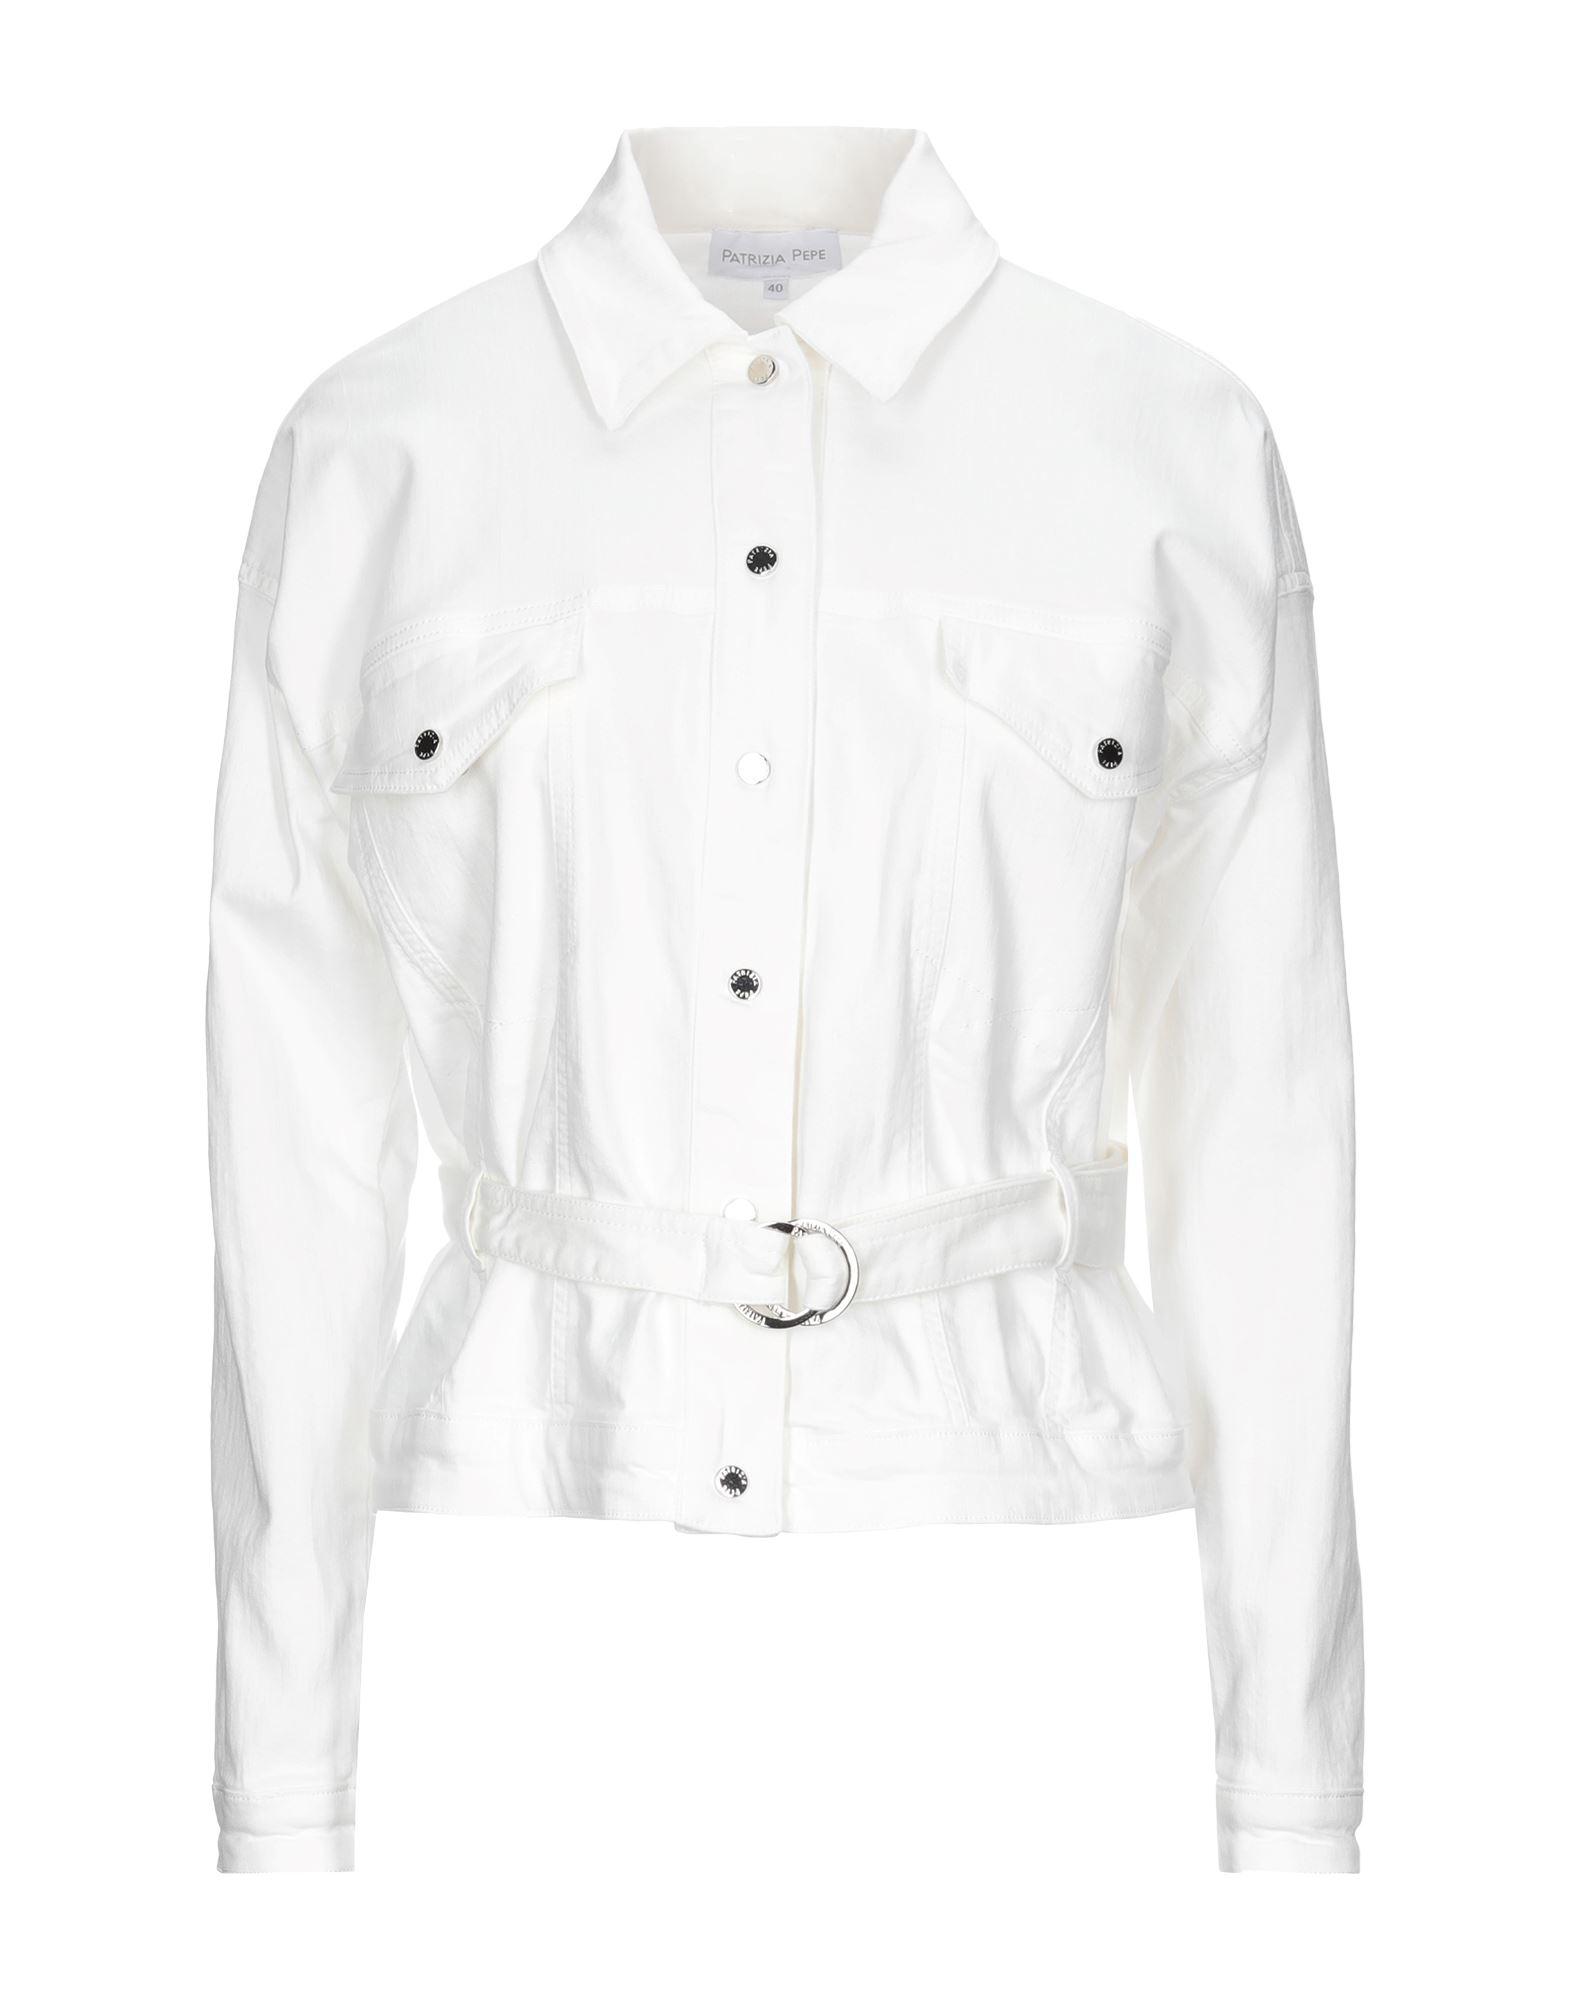 Фото - PATRIZIA PEPE Джинсовая верхняя одежда wesc джинсовая верхняя одежда